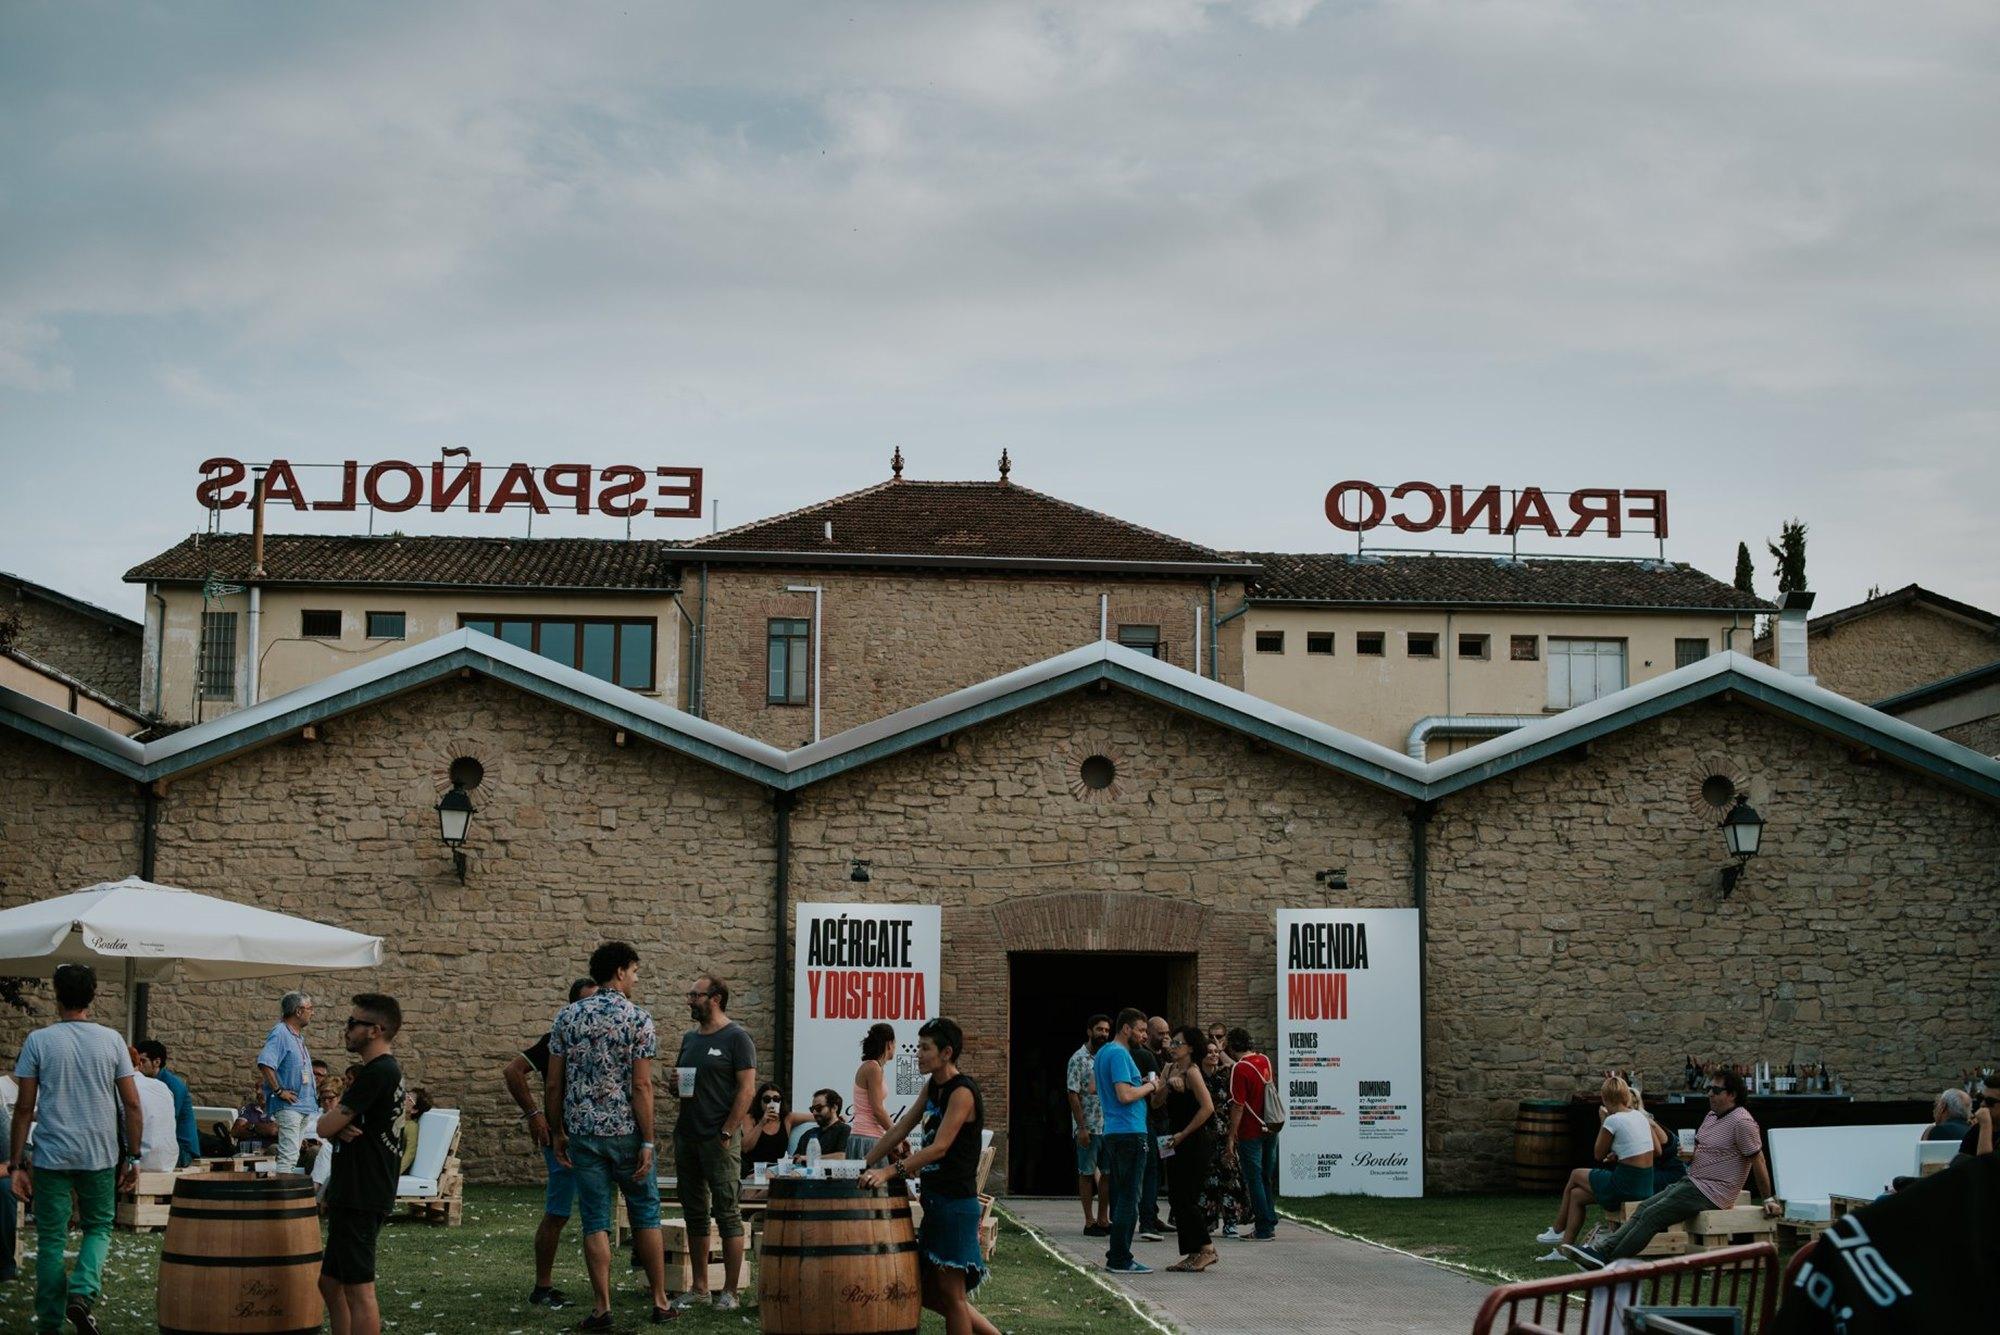 Las 'Bodegas Franco-Españolas' organizan multitud de actividades en sus instalaciones, sobre todo en verano. Foto: Facebook 'Bodegas Franco-Españolas'